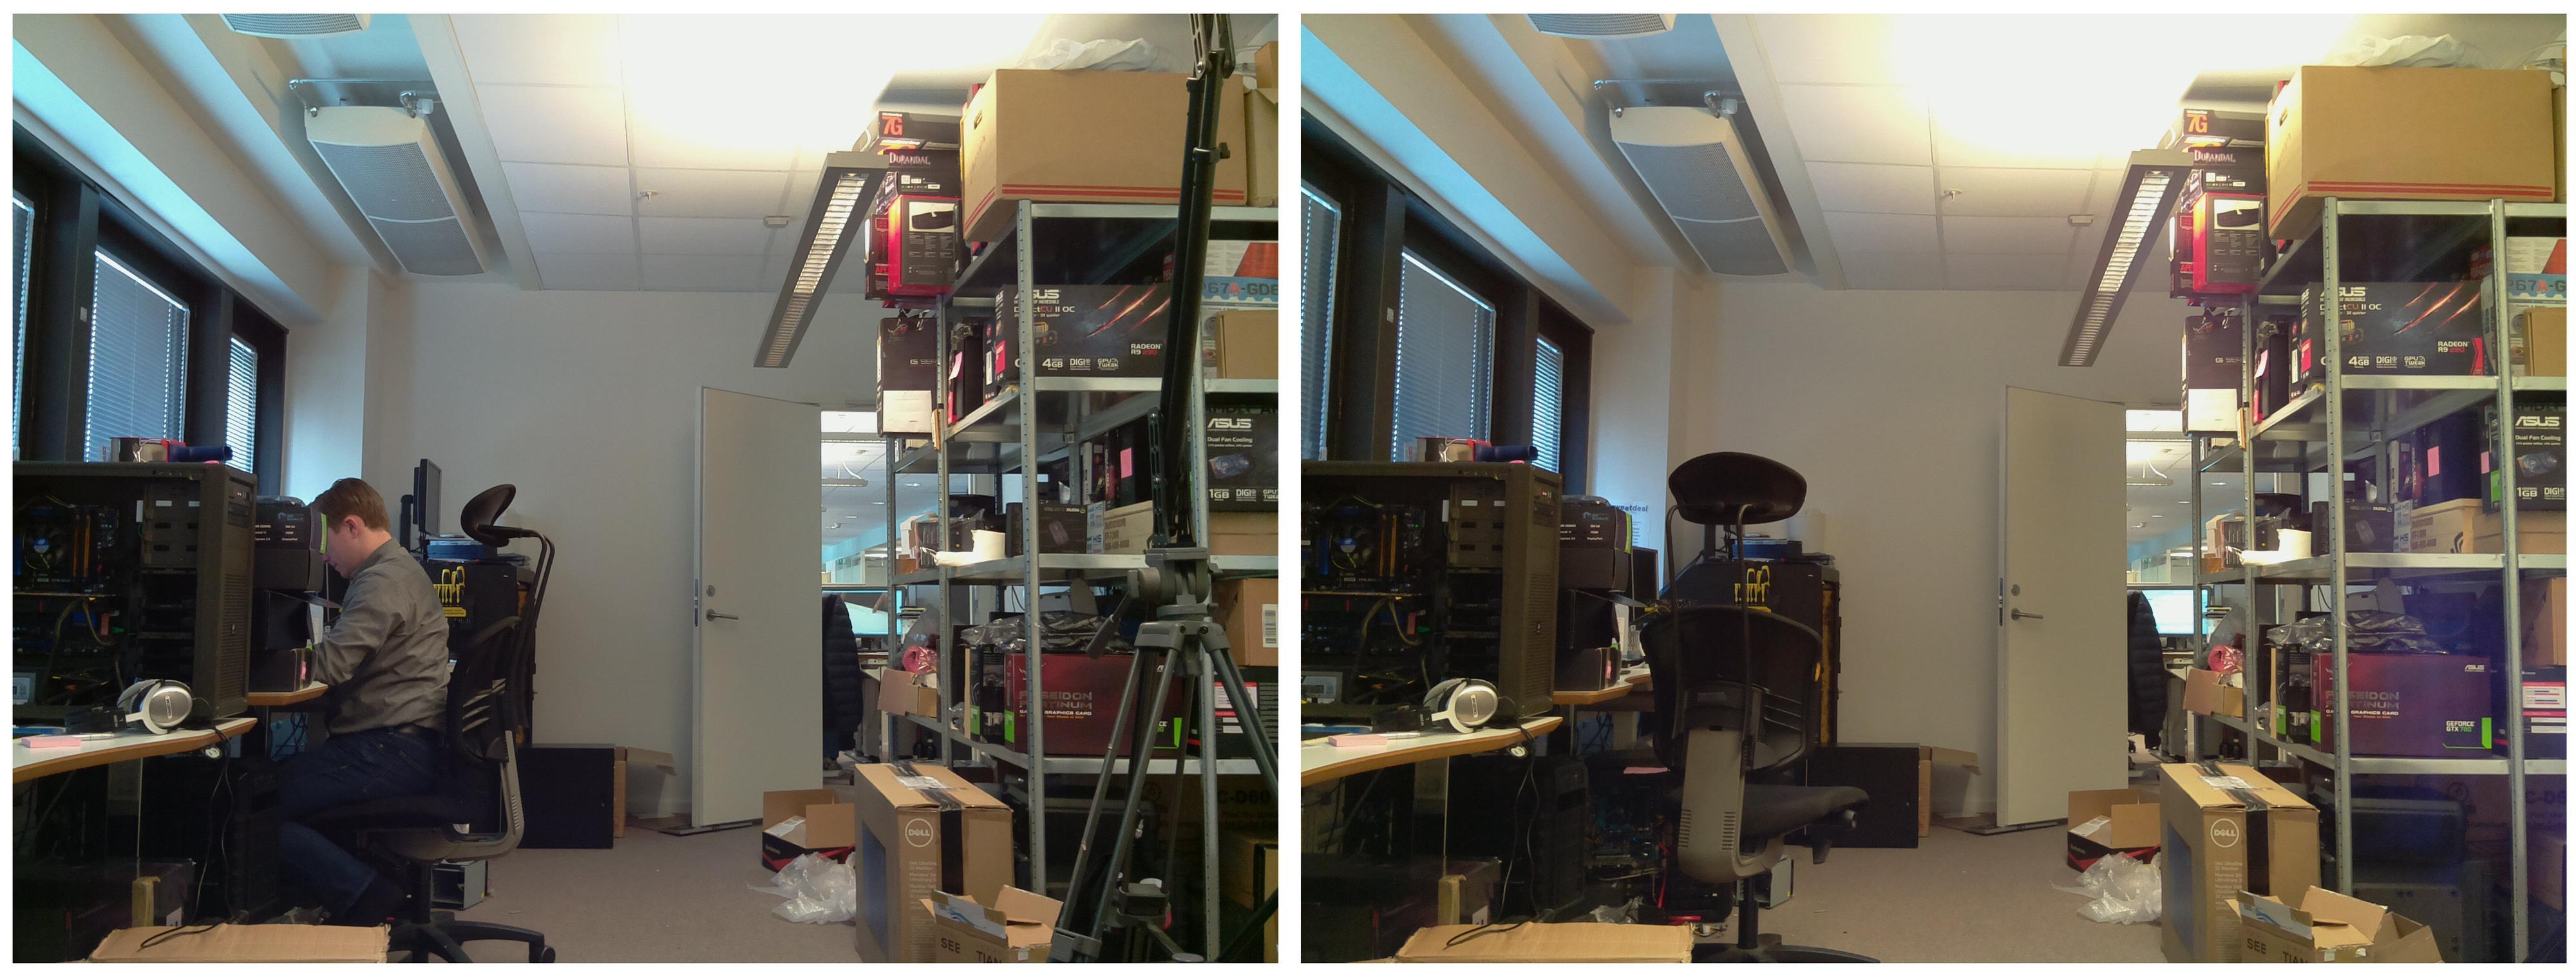 Vår ryddige testlab. På bildet til venstre er LED-en avslått, mens bildet til høyre er påvirket av lyset.Foto: Vegar Jansen, Hardware.no